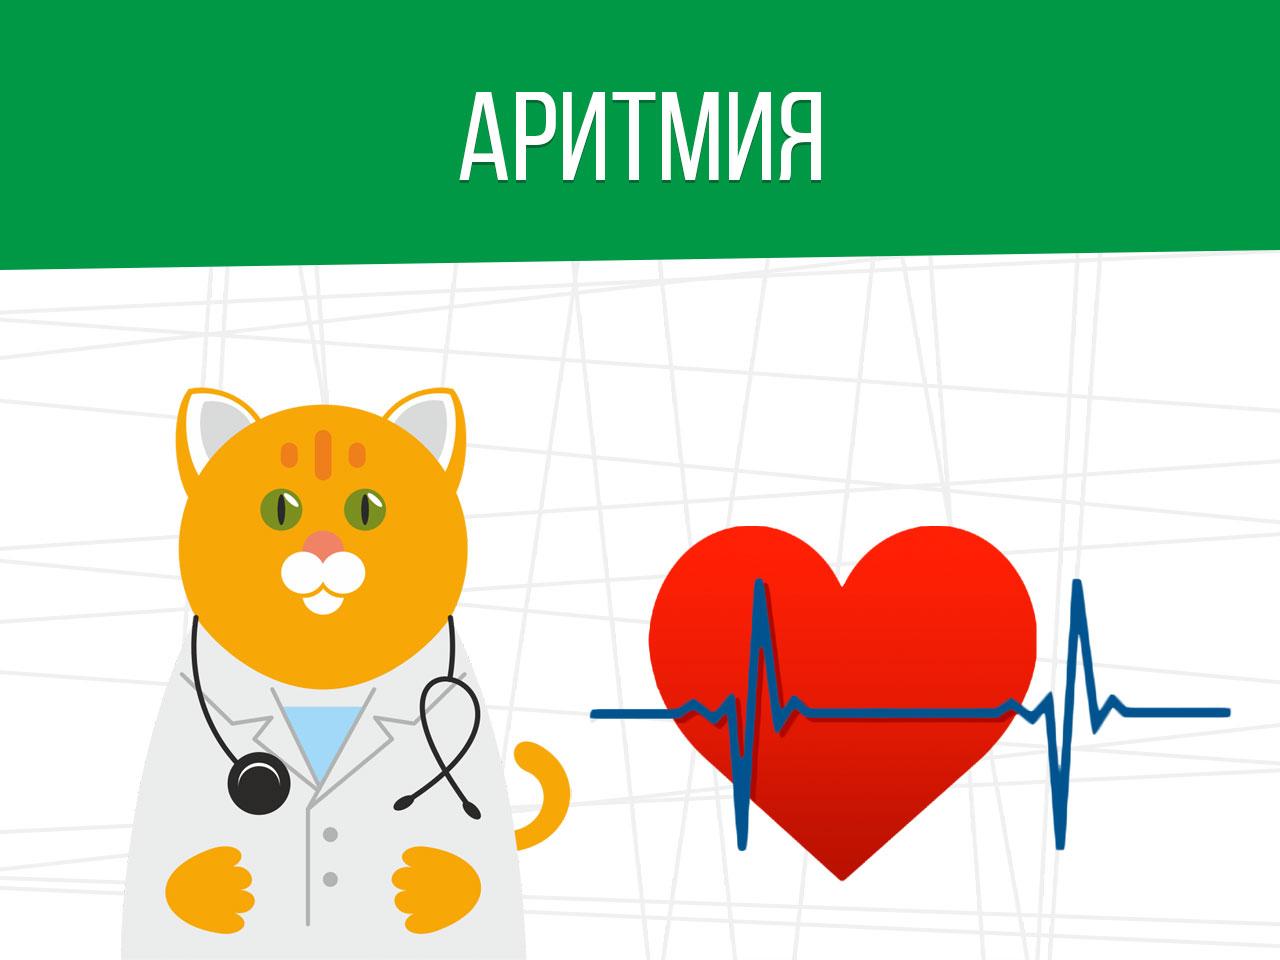 Аритмия: категория годности призывника